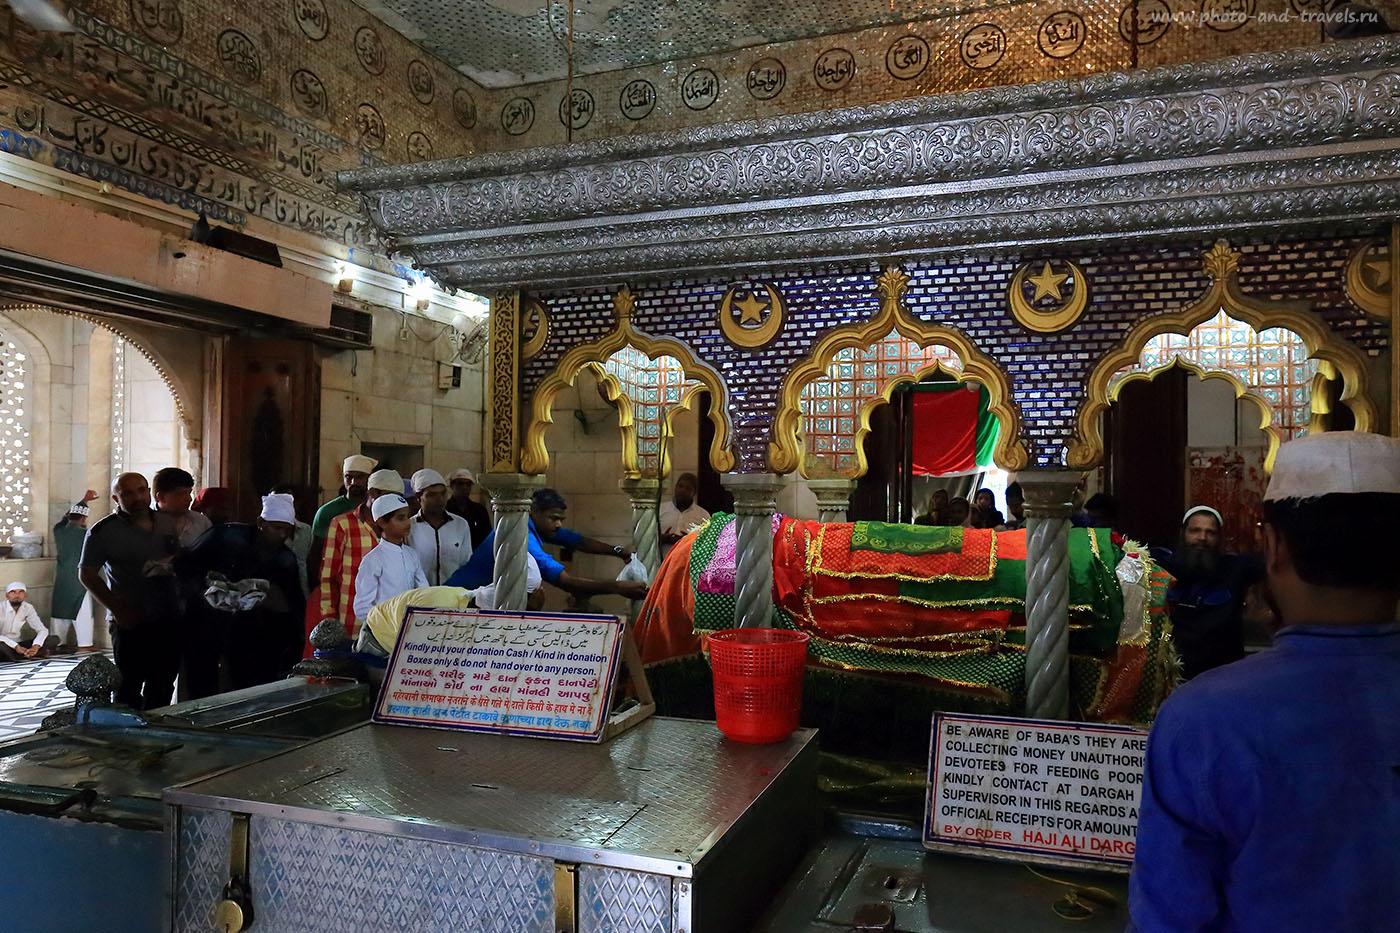 Фотография 28. Склеп с мощами святого Хаджи Али.Поход по достопримечательностям Мумбаи во время поездки в Индию (24-70, 1/250, -1eV, f7.1, 24 mm, ISO 8000)